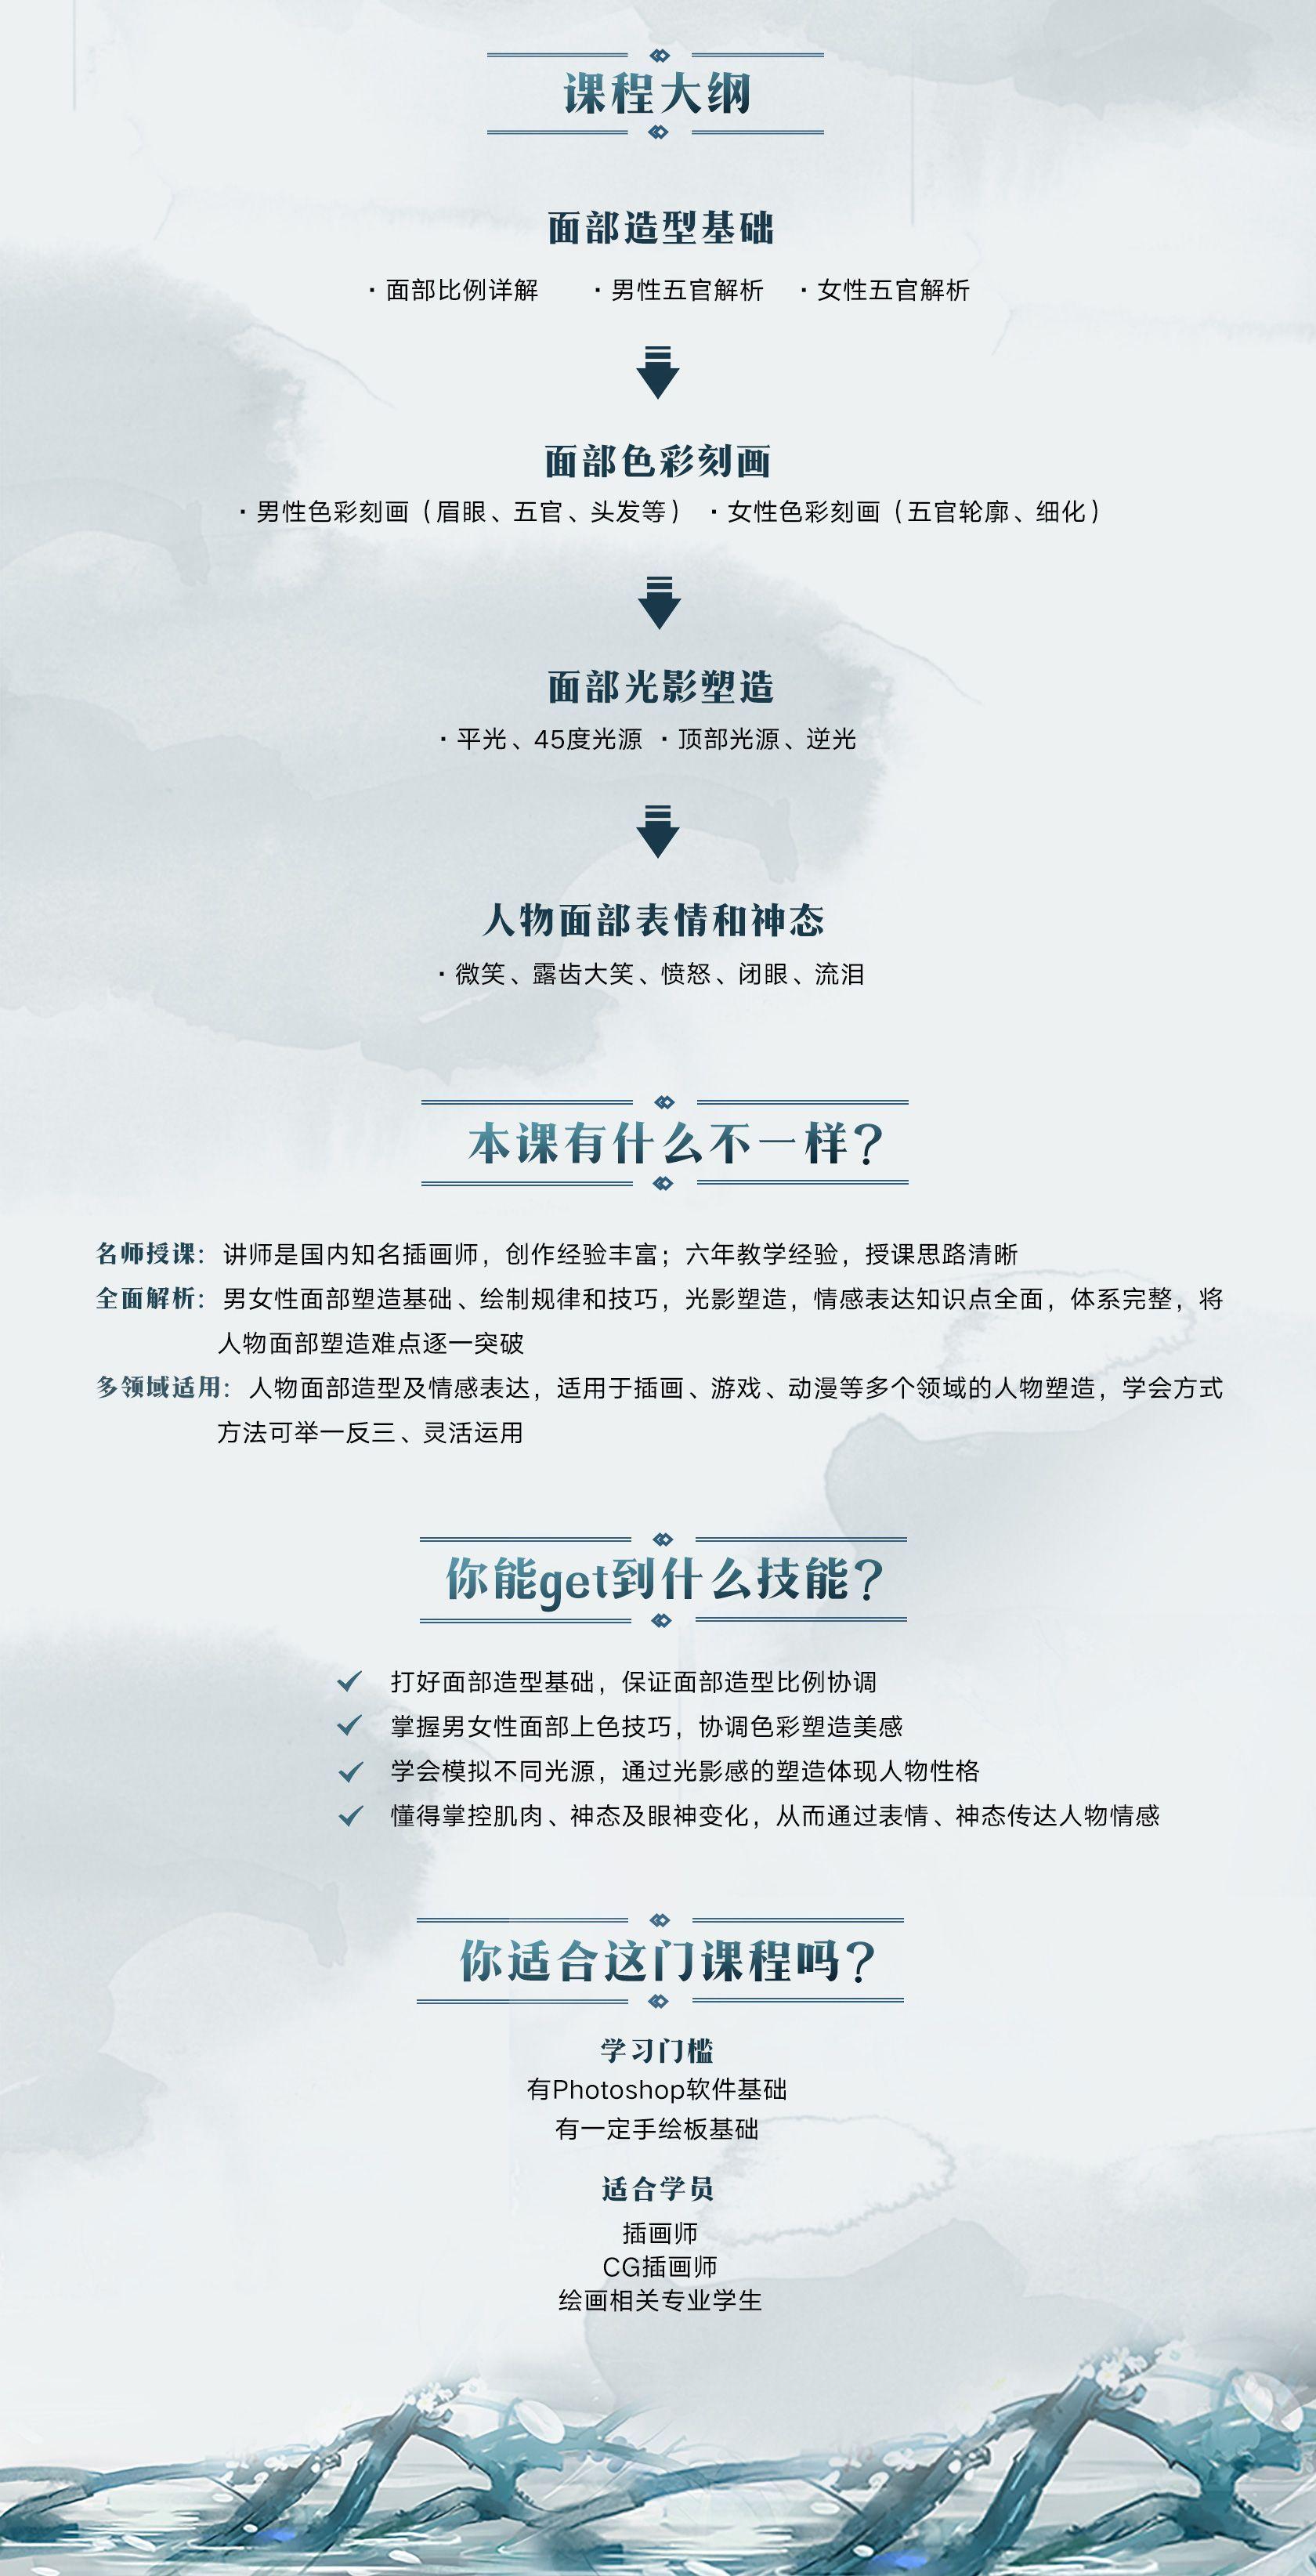 原画绘画教程-绘梦CG学院 匪萌十月 CG绘画之人物面部造型与情感表达(4)